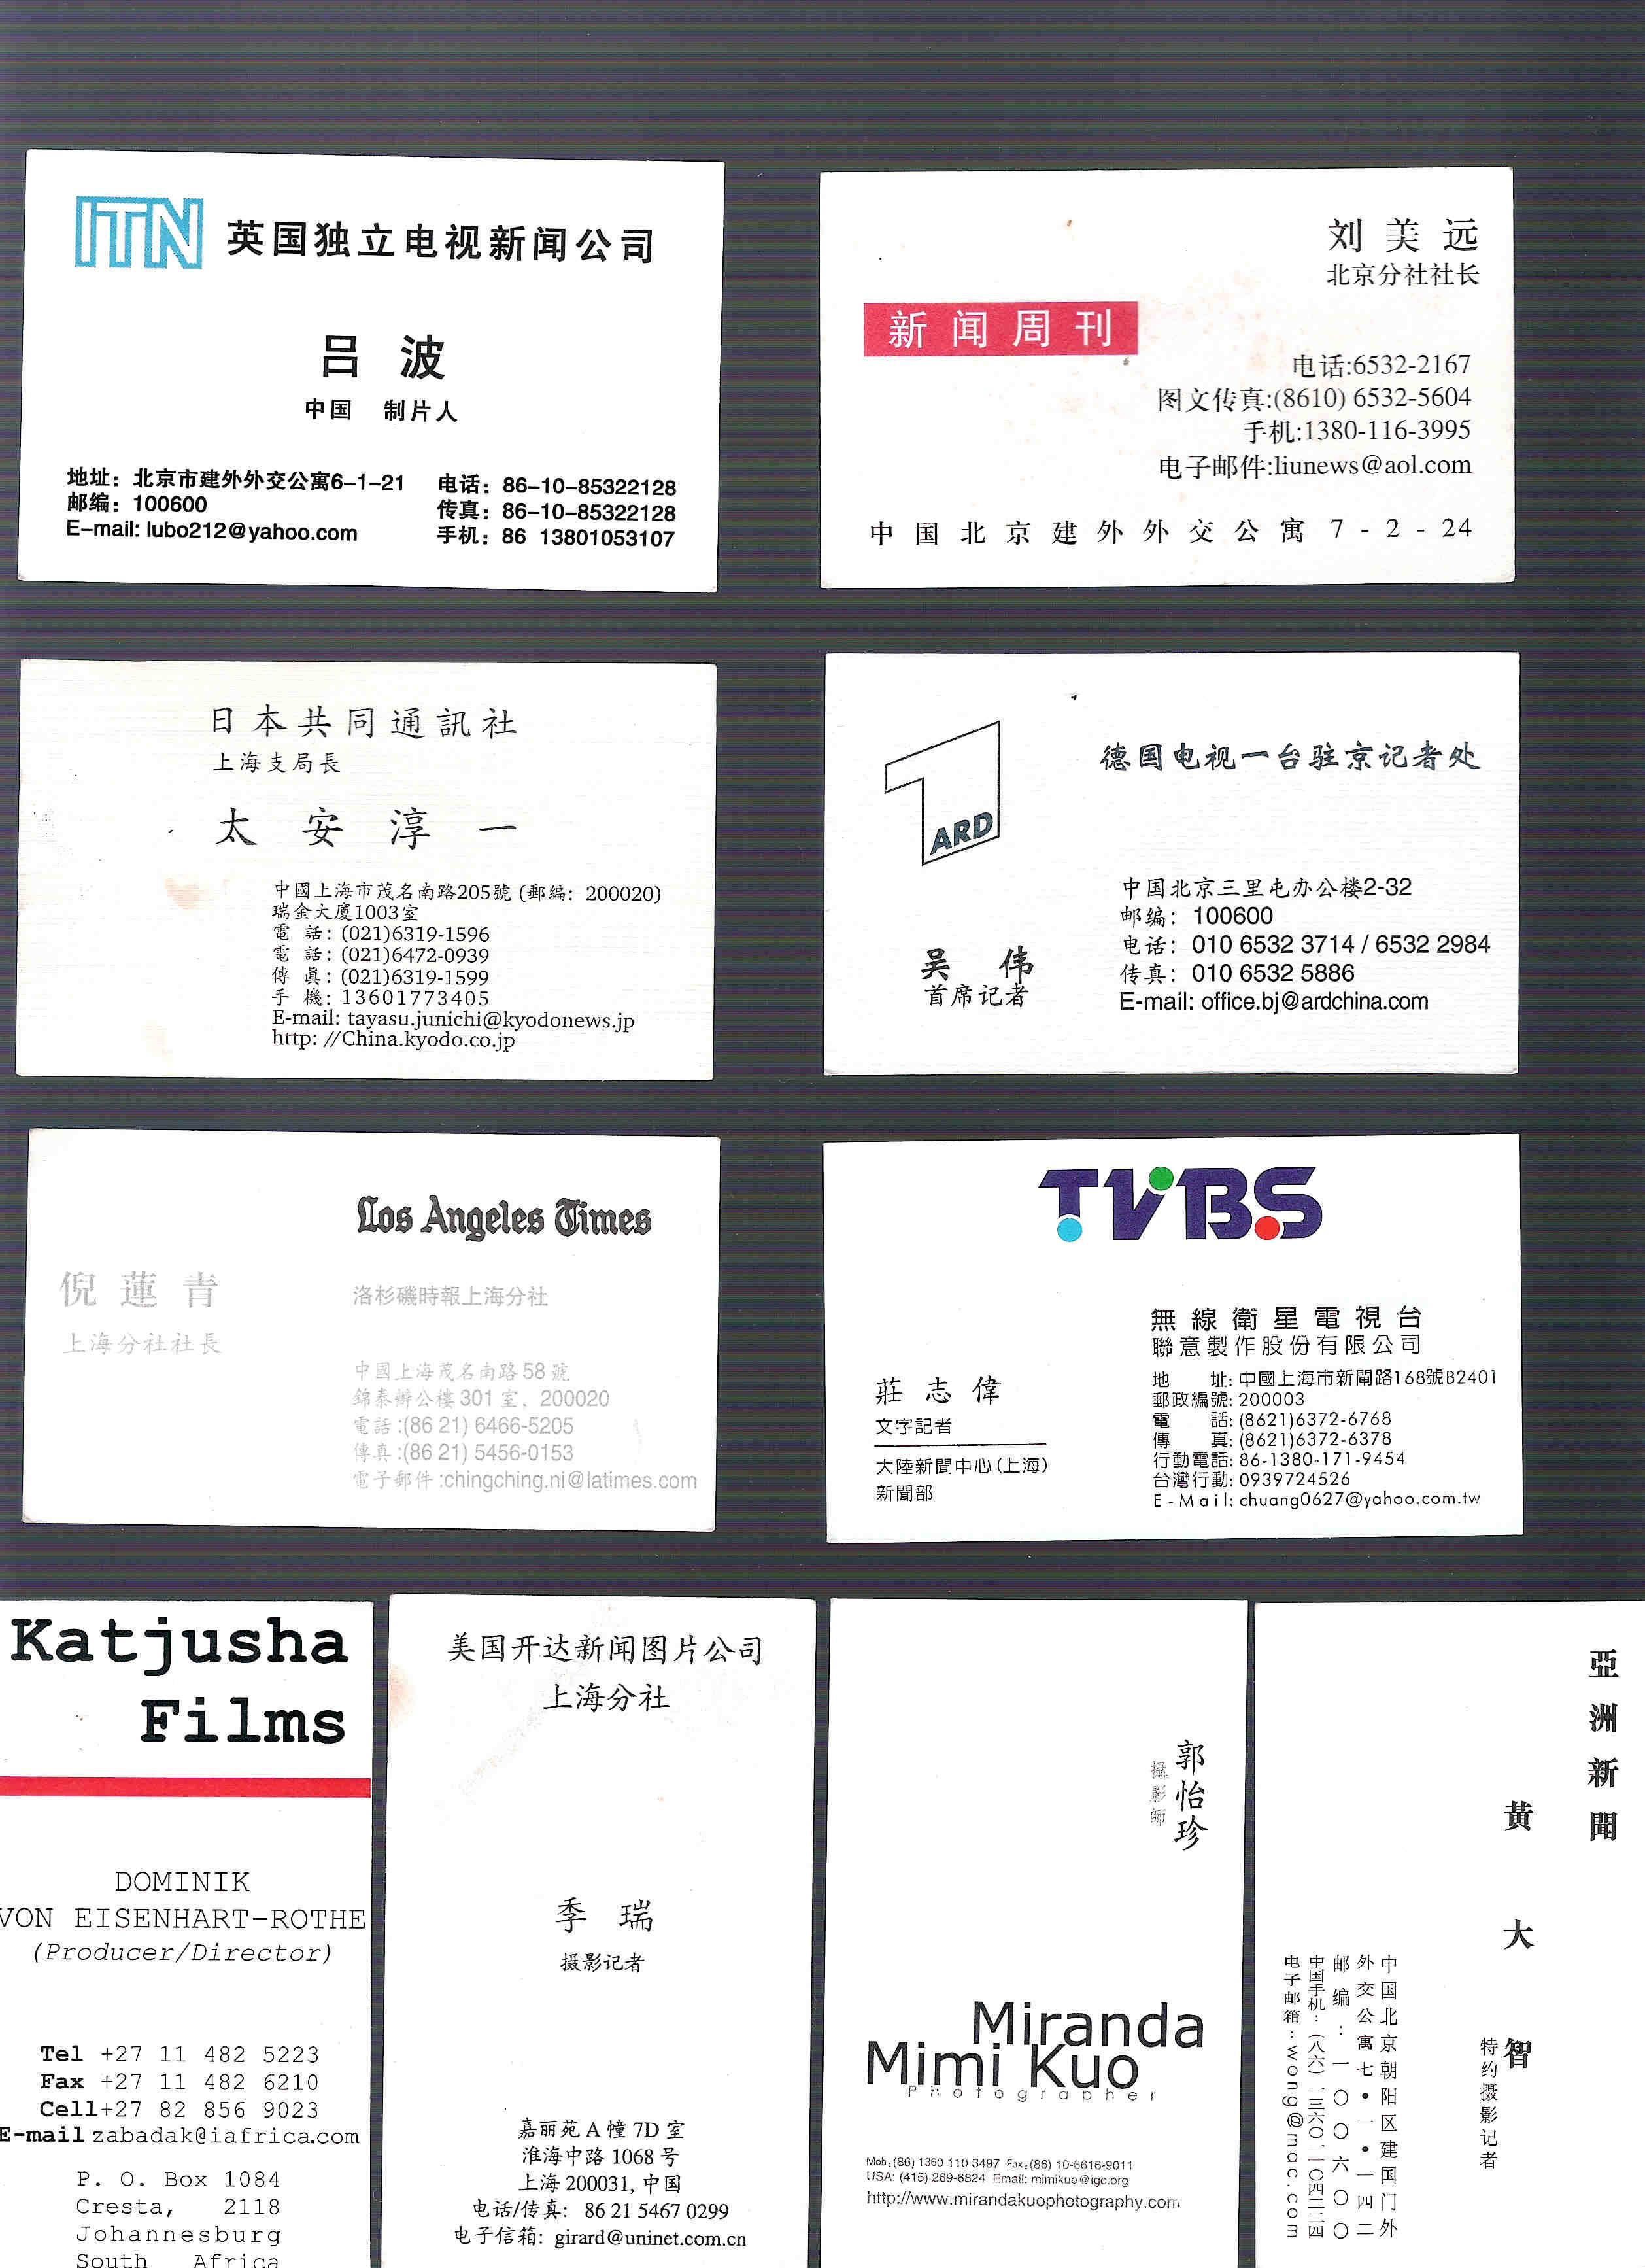 上海侦探公司联系方式_上海侦探公司021007_上海侦探公司收费